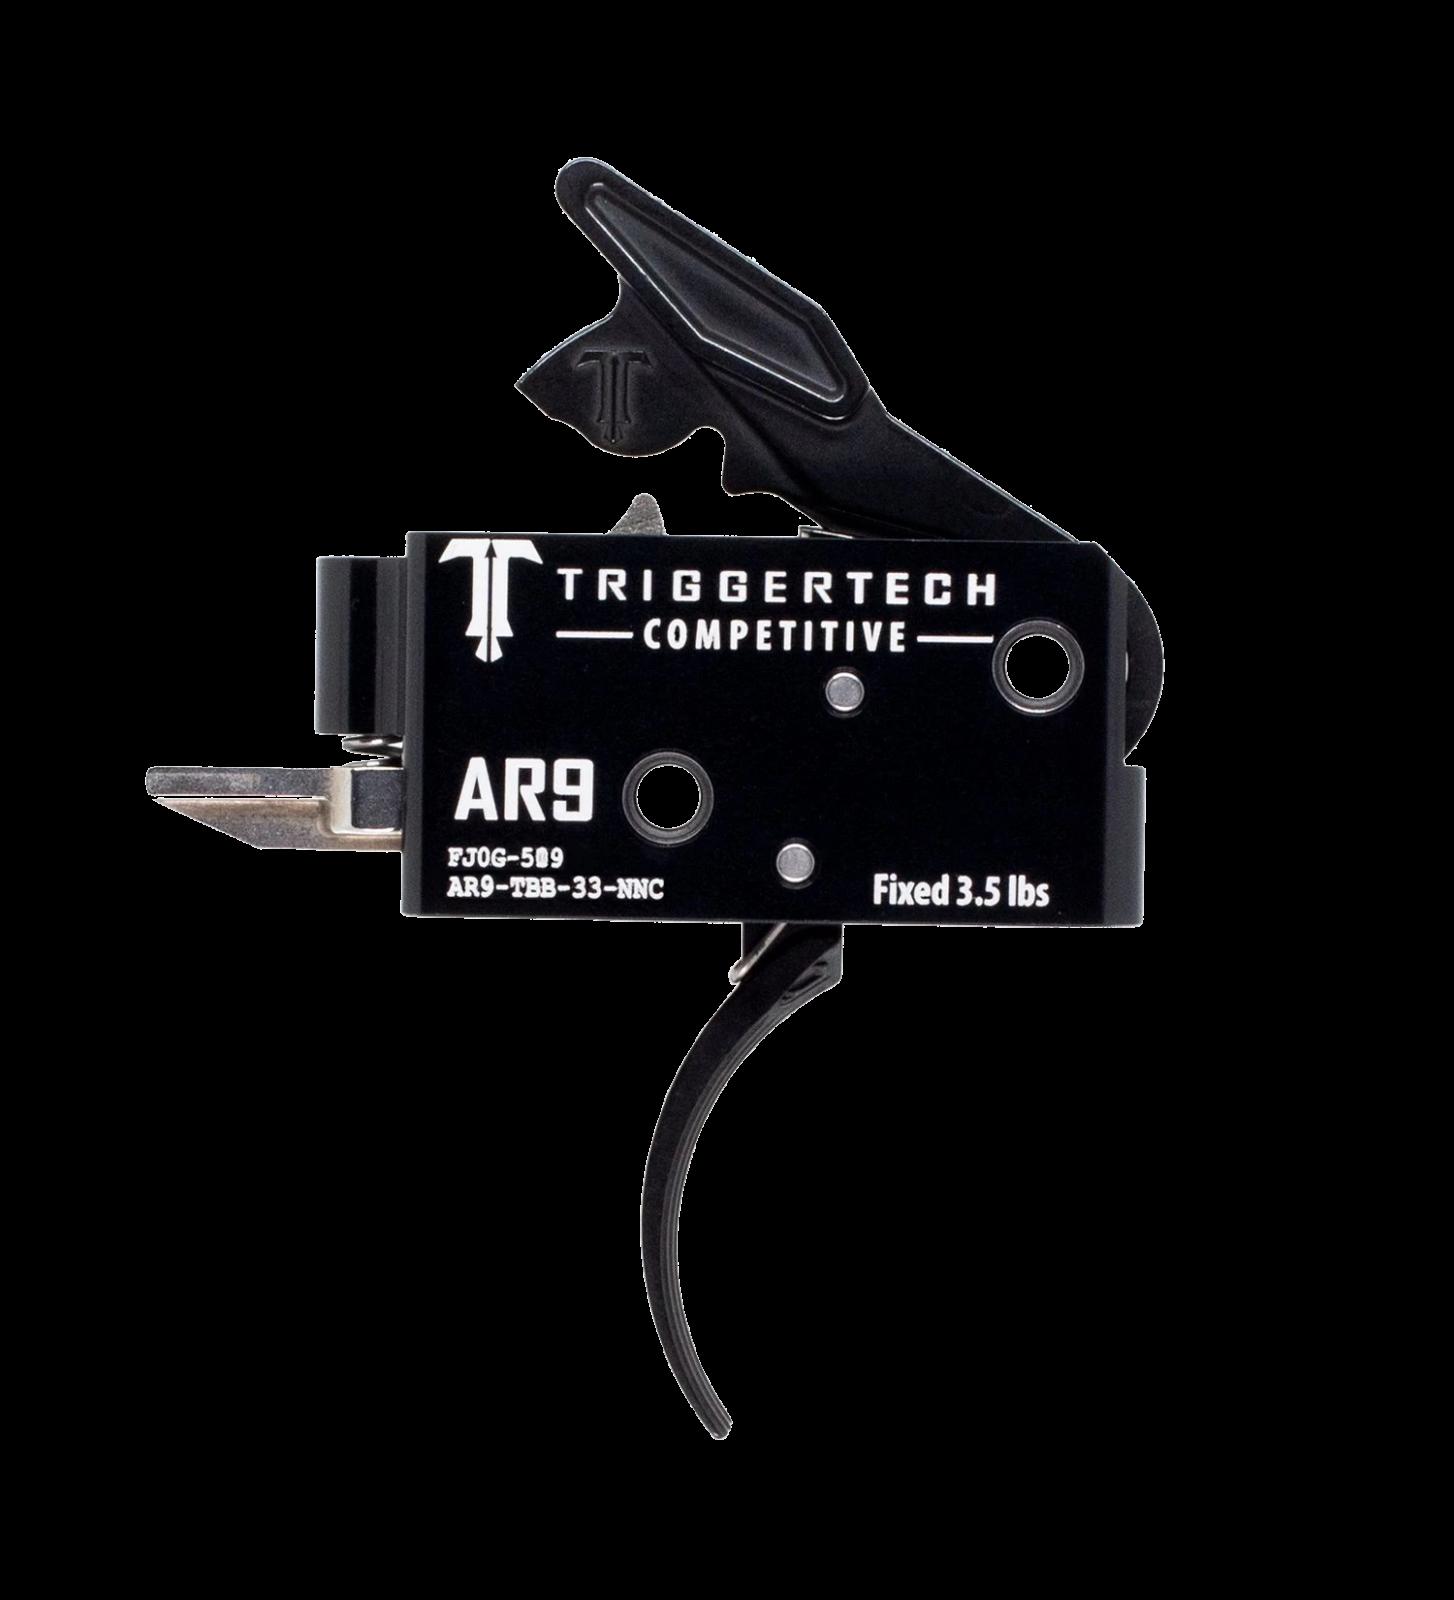 Spoušť TriggerTech AR9 Competetive - zaoblená, černá